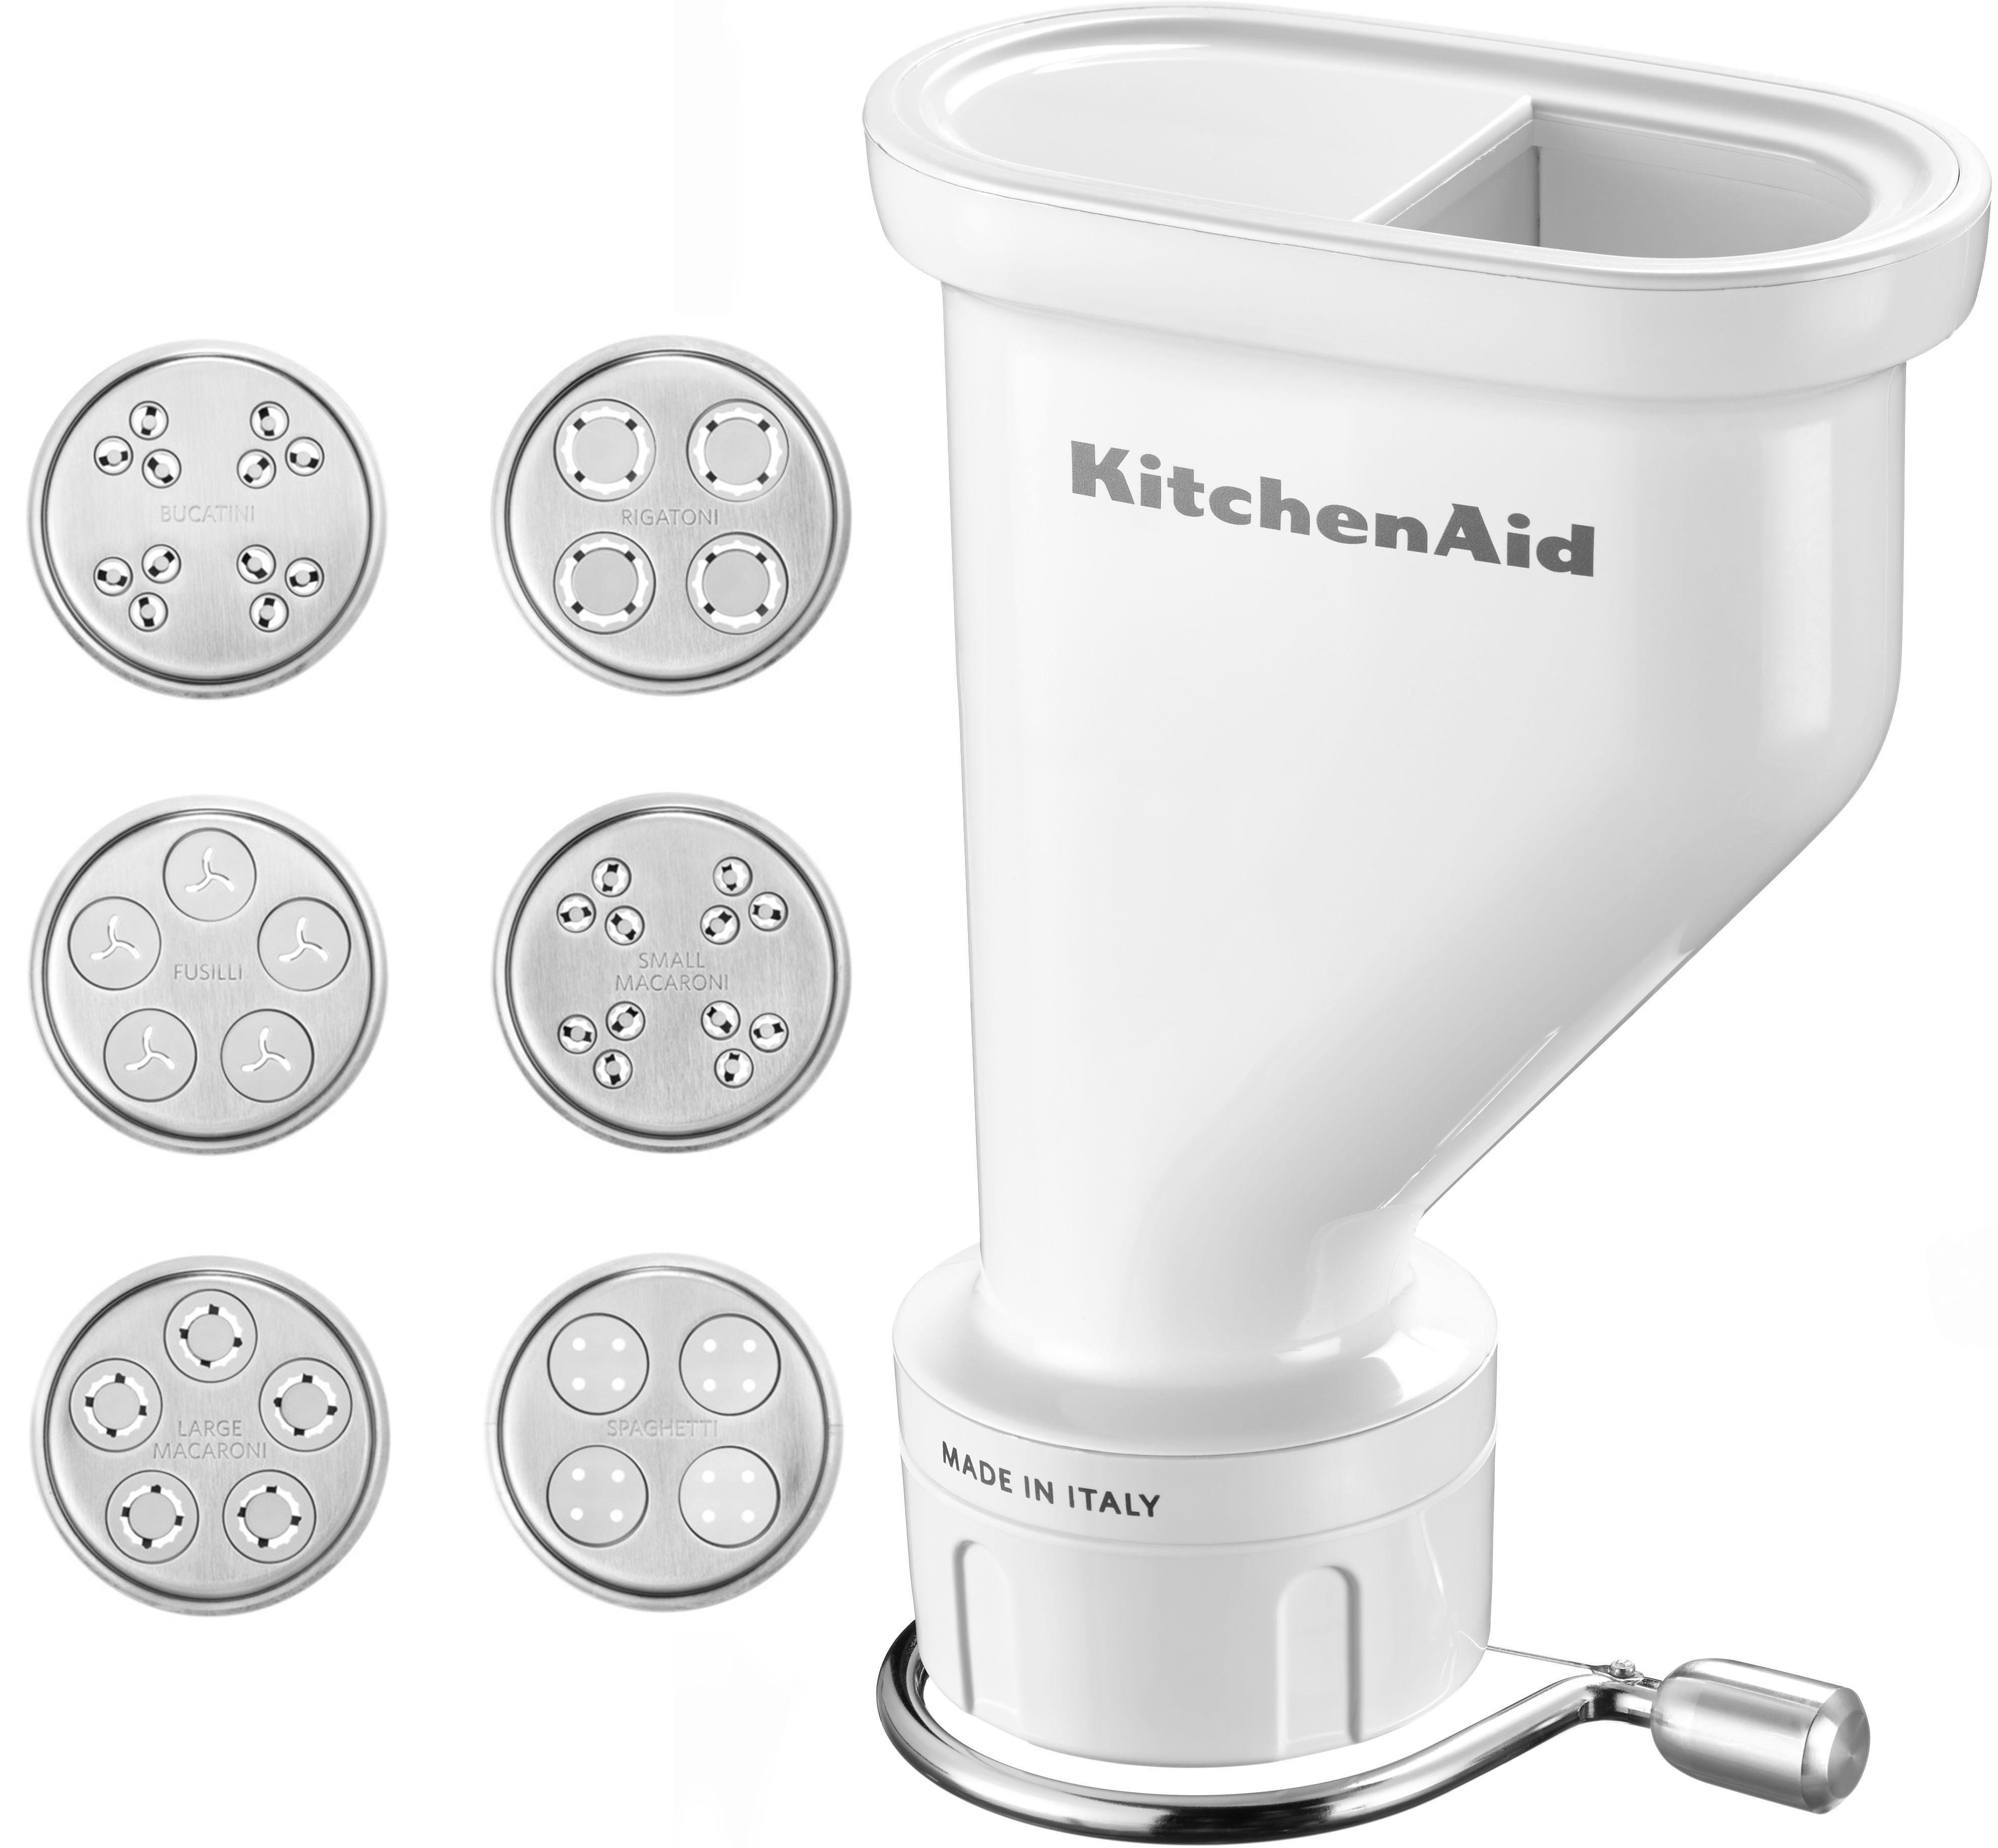 KitchenAid® Nudelvorsatz Gourmet-Röhrennudelvorsatz 5KSMPEXTA, Zubehör für die KitchenAid-Küchenmaschine